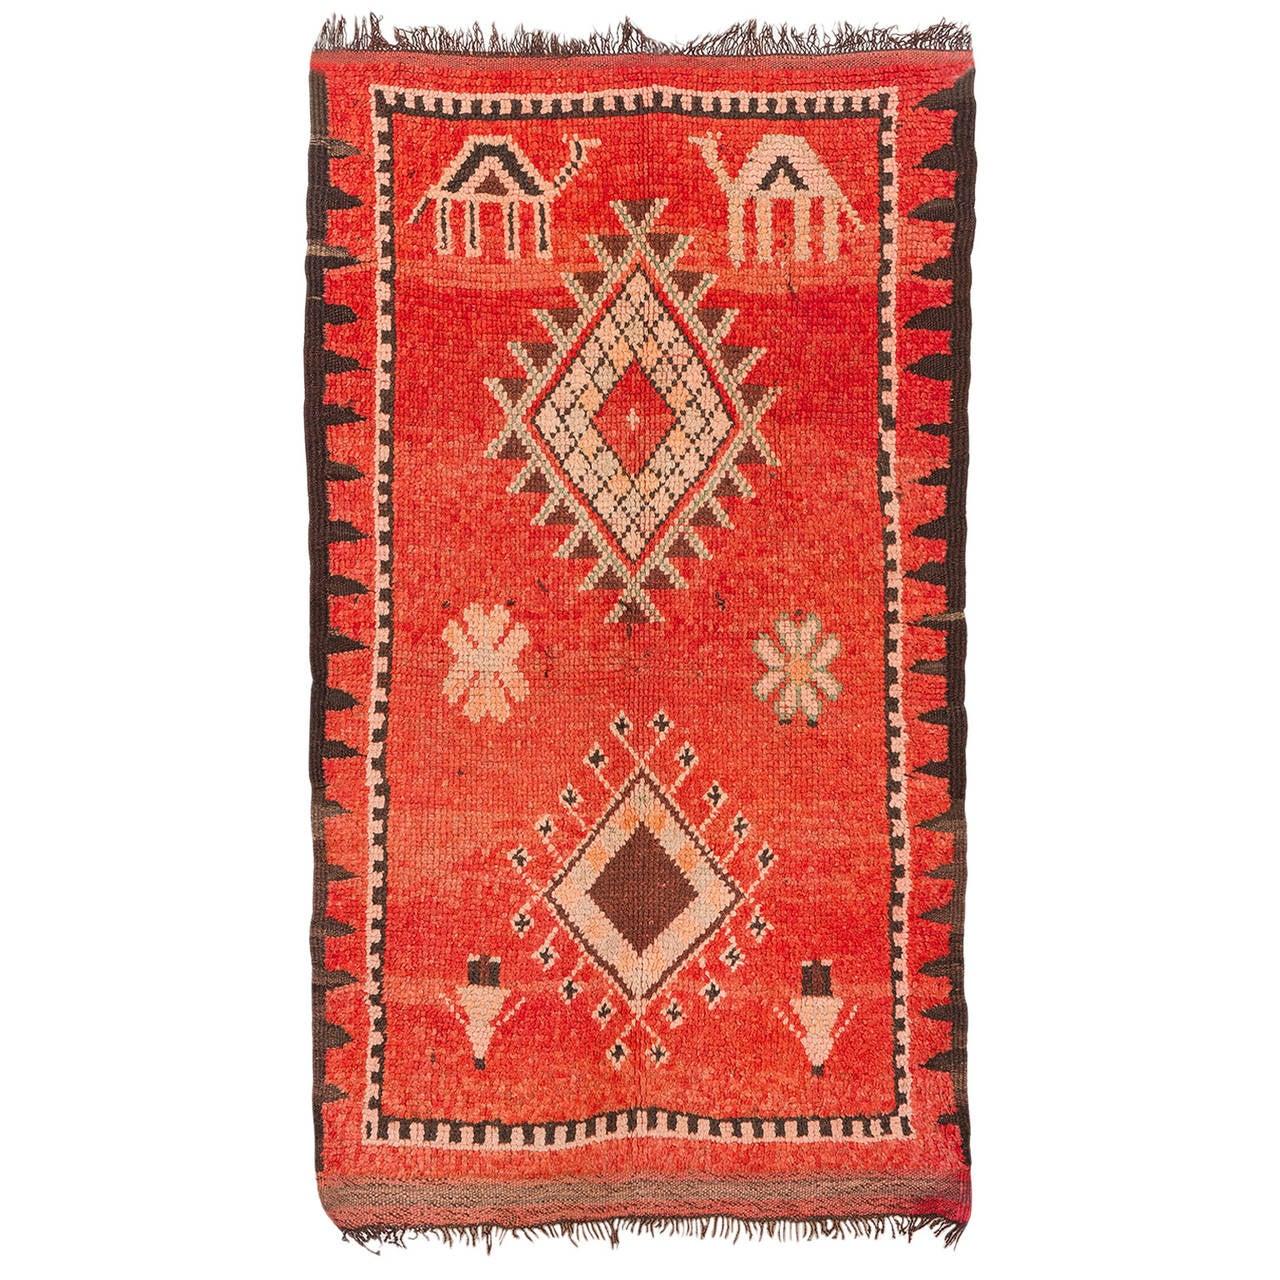 Vintage Moroccan Area Rug For Sale At 1stdibs: Vintage Oulad Bou Sebaa Or Rehamna Rug, Morocco For Sale